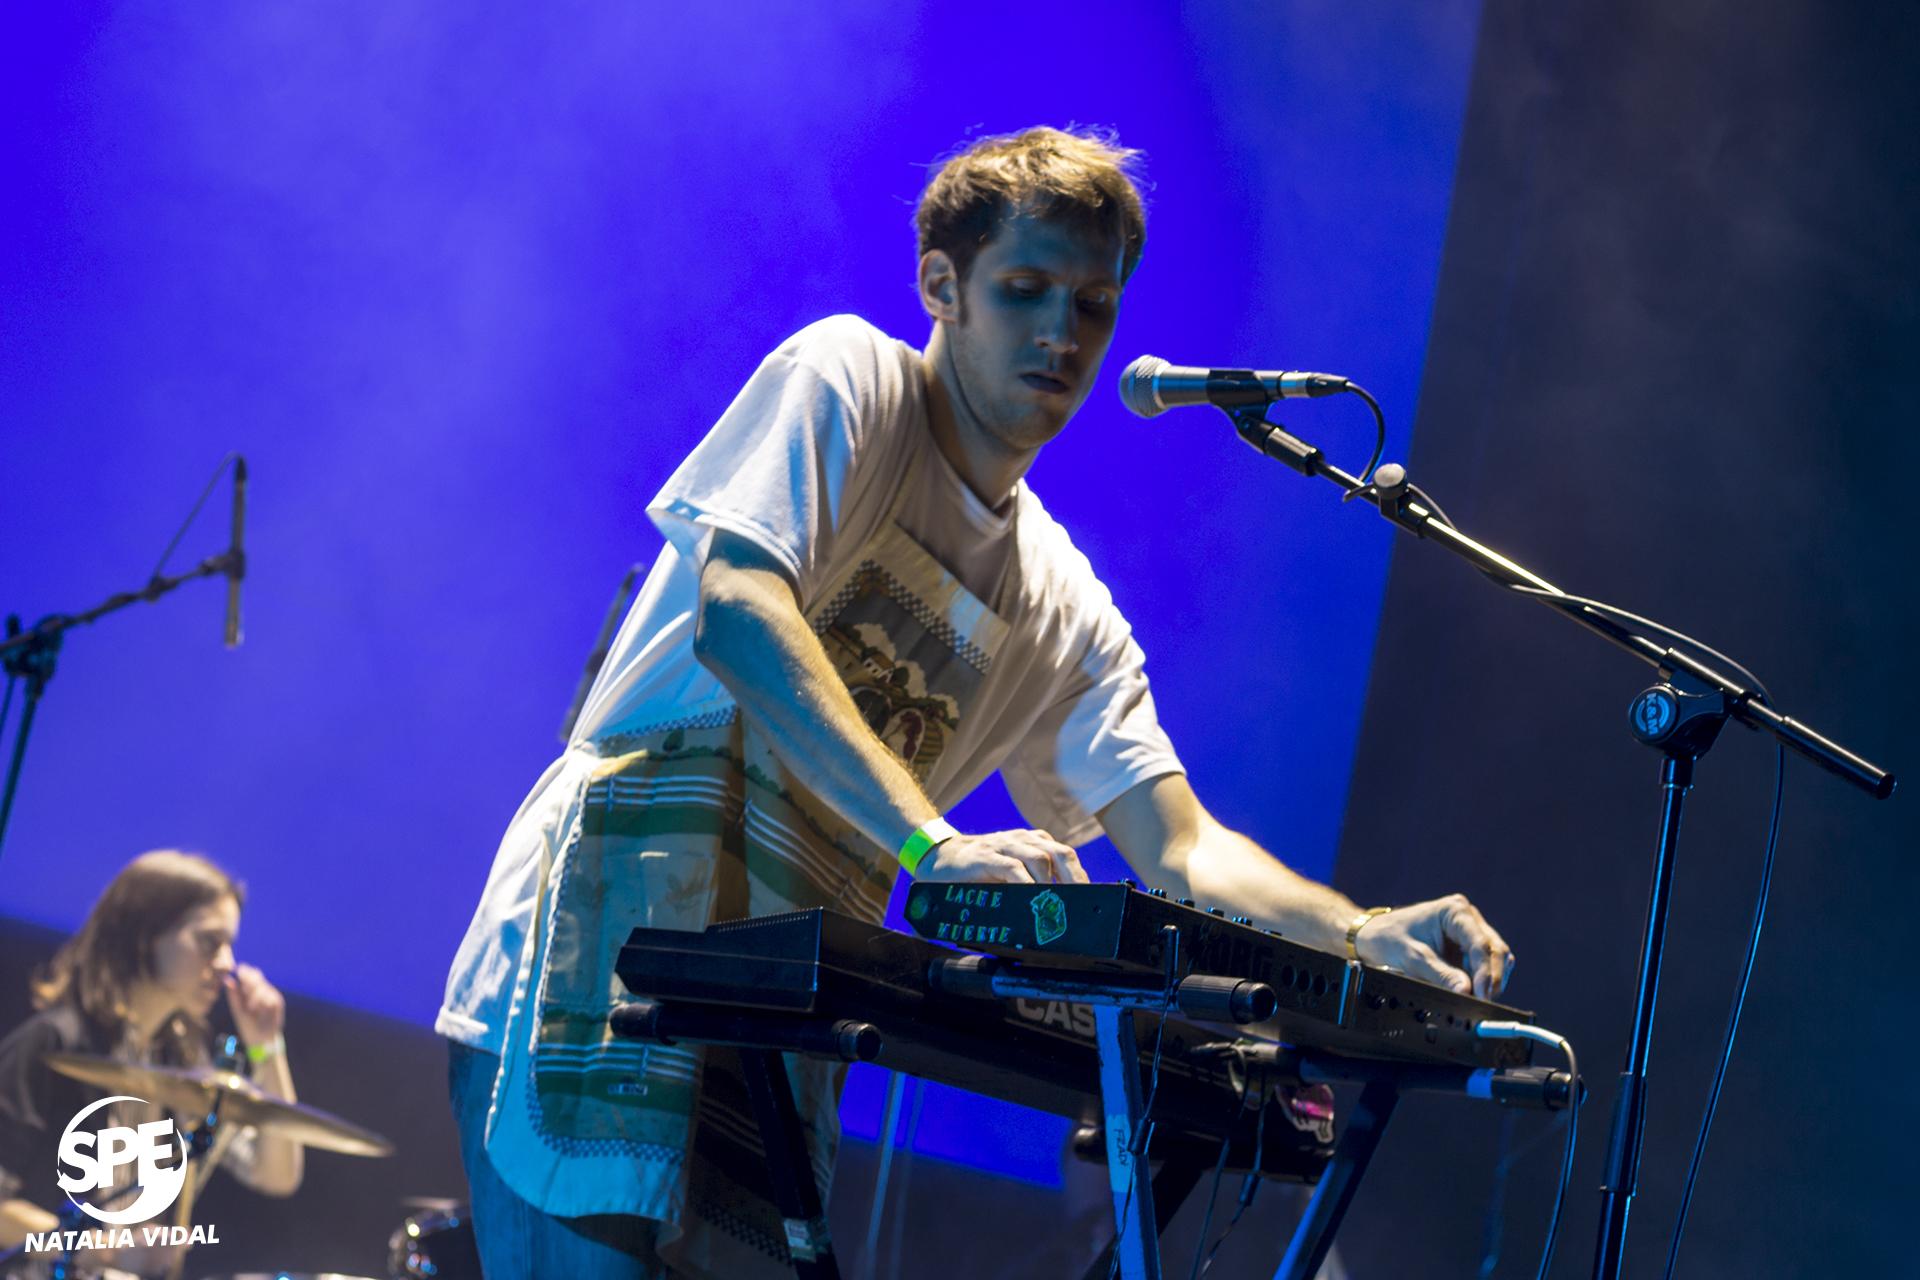 Julian-Desbats-Y-La-Romantica-Bailable-Caras-Y-Caretas-12-07-18-Natalia-Vidal-Solo-Para-Entendidos_1094.jpg